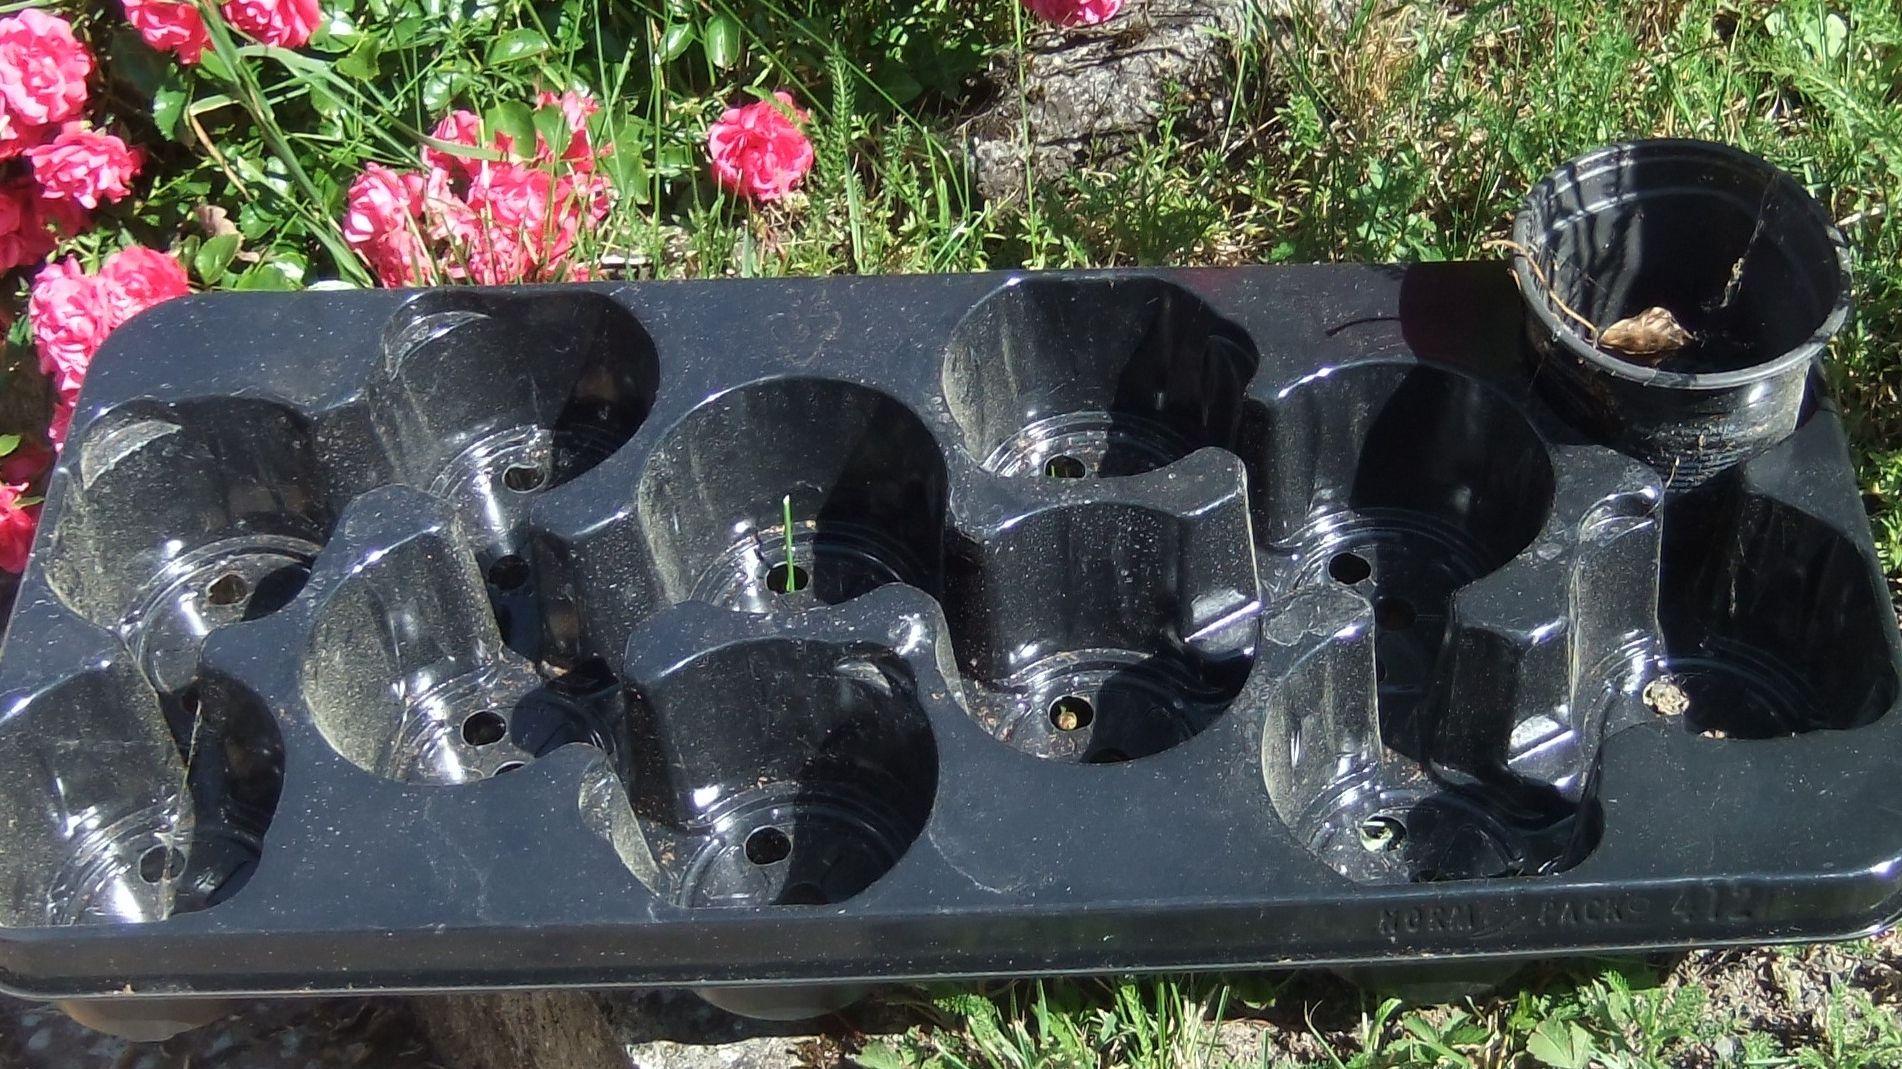 Blumentöpfe sind oft aus Plastik, ebenso wie die Palette, in der sie verkauft werden.